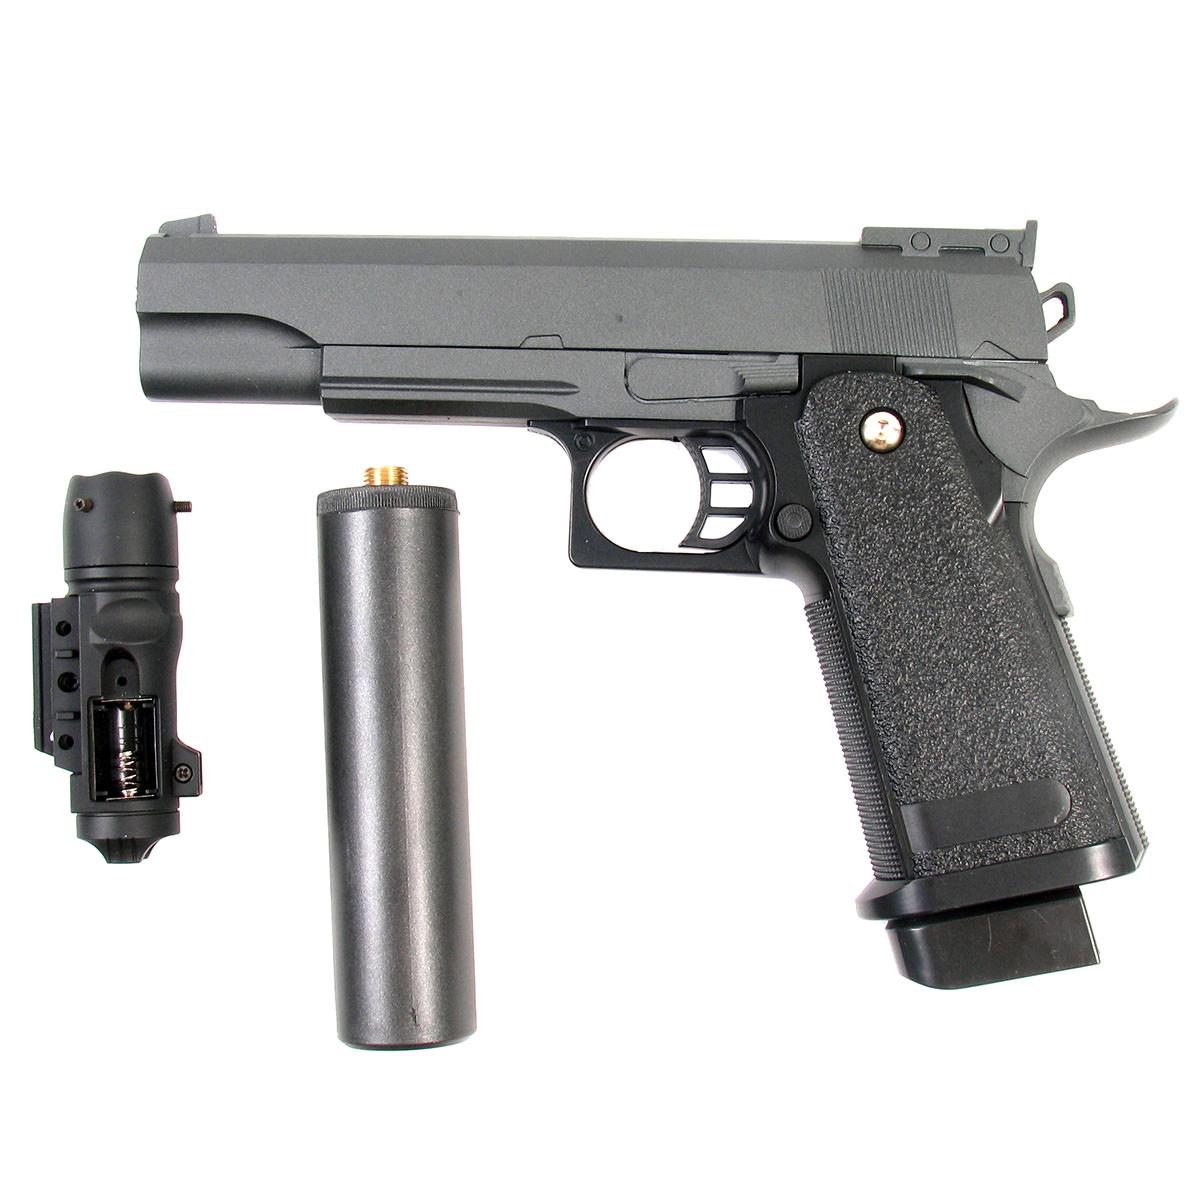 Пистолет страйкбольный Galaxy G.6A, пружинный, 6 мм пистолет страйкбольный galaxy g 3 пружинный 6 мм